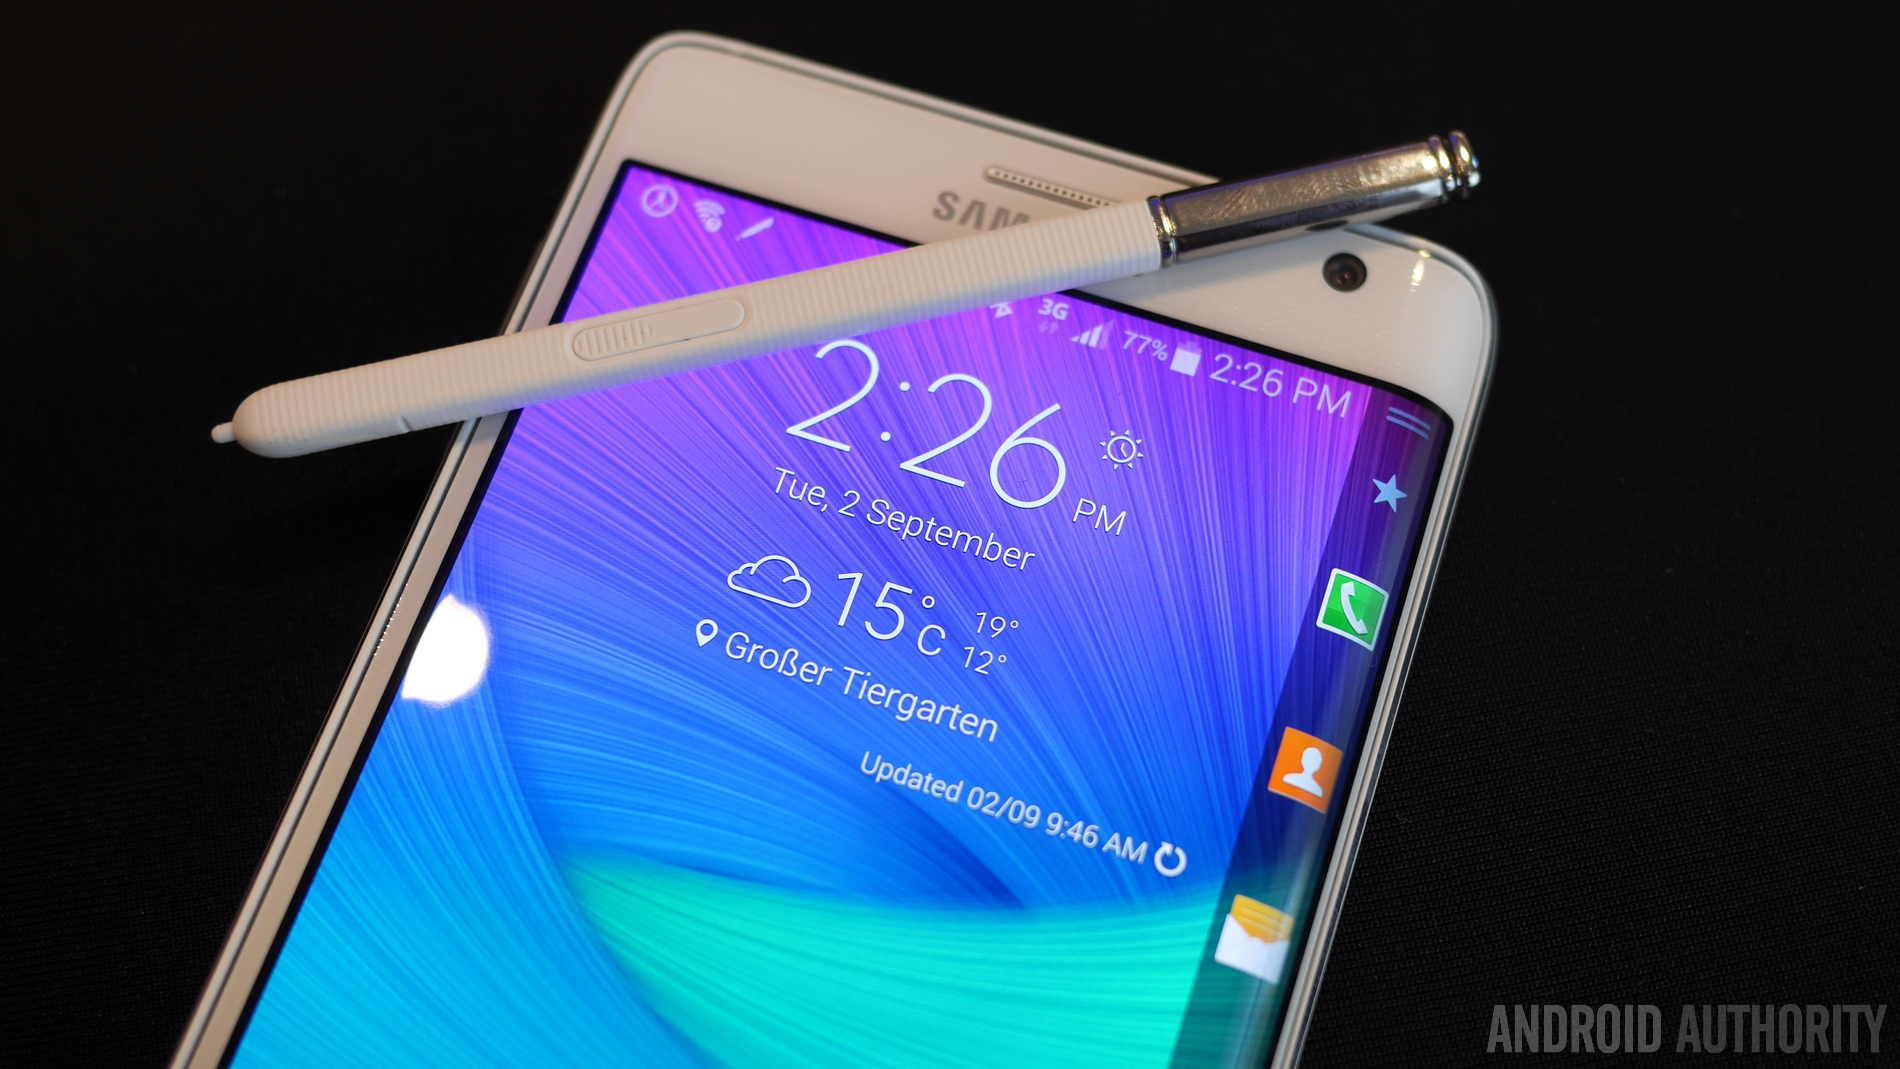 Samsung Galaxy Note Edge Hands on VonDroid Community